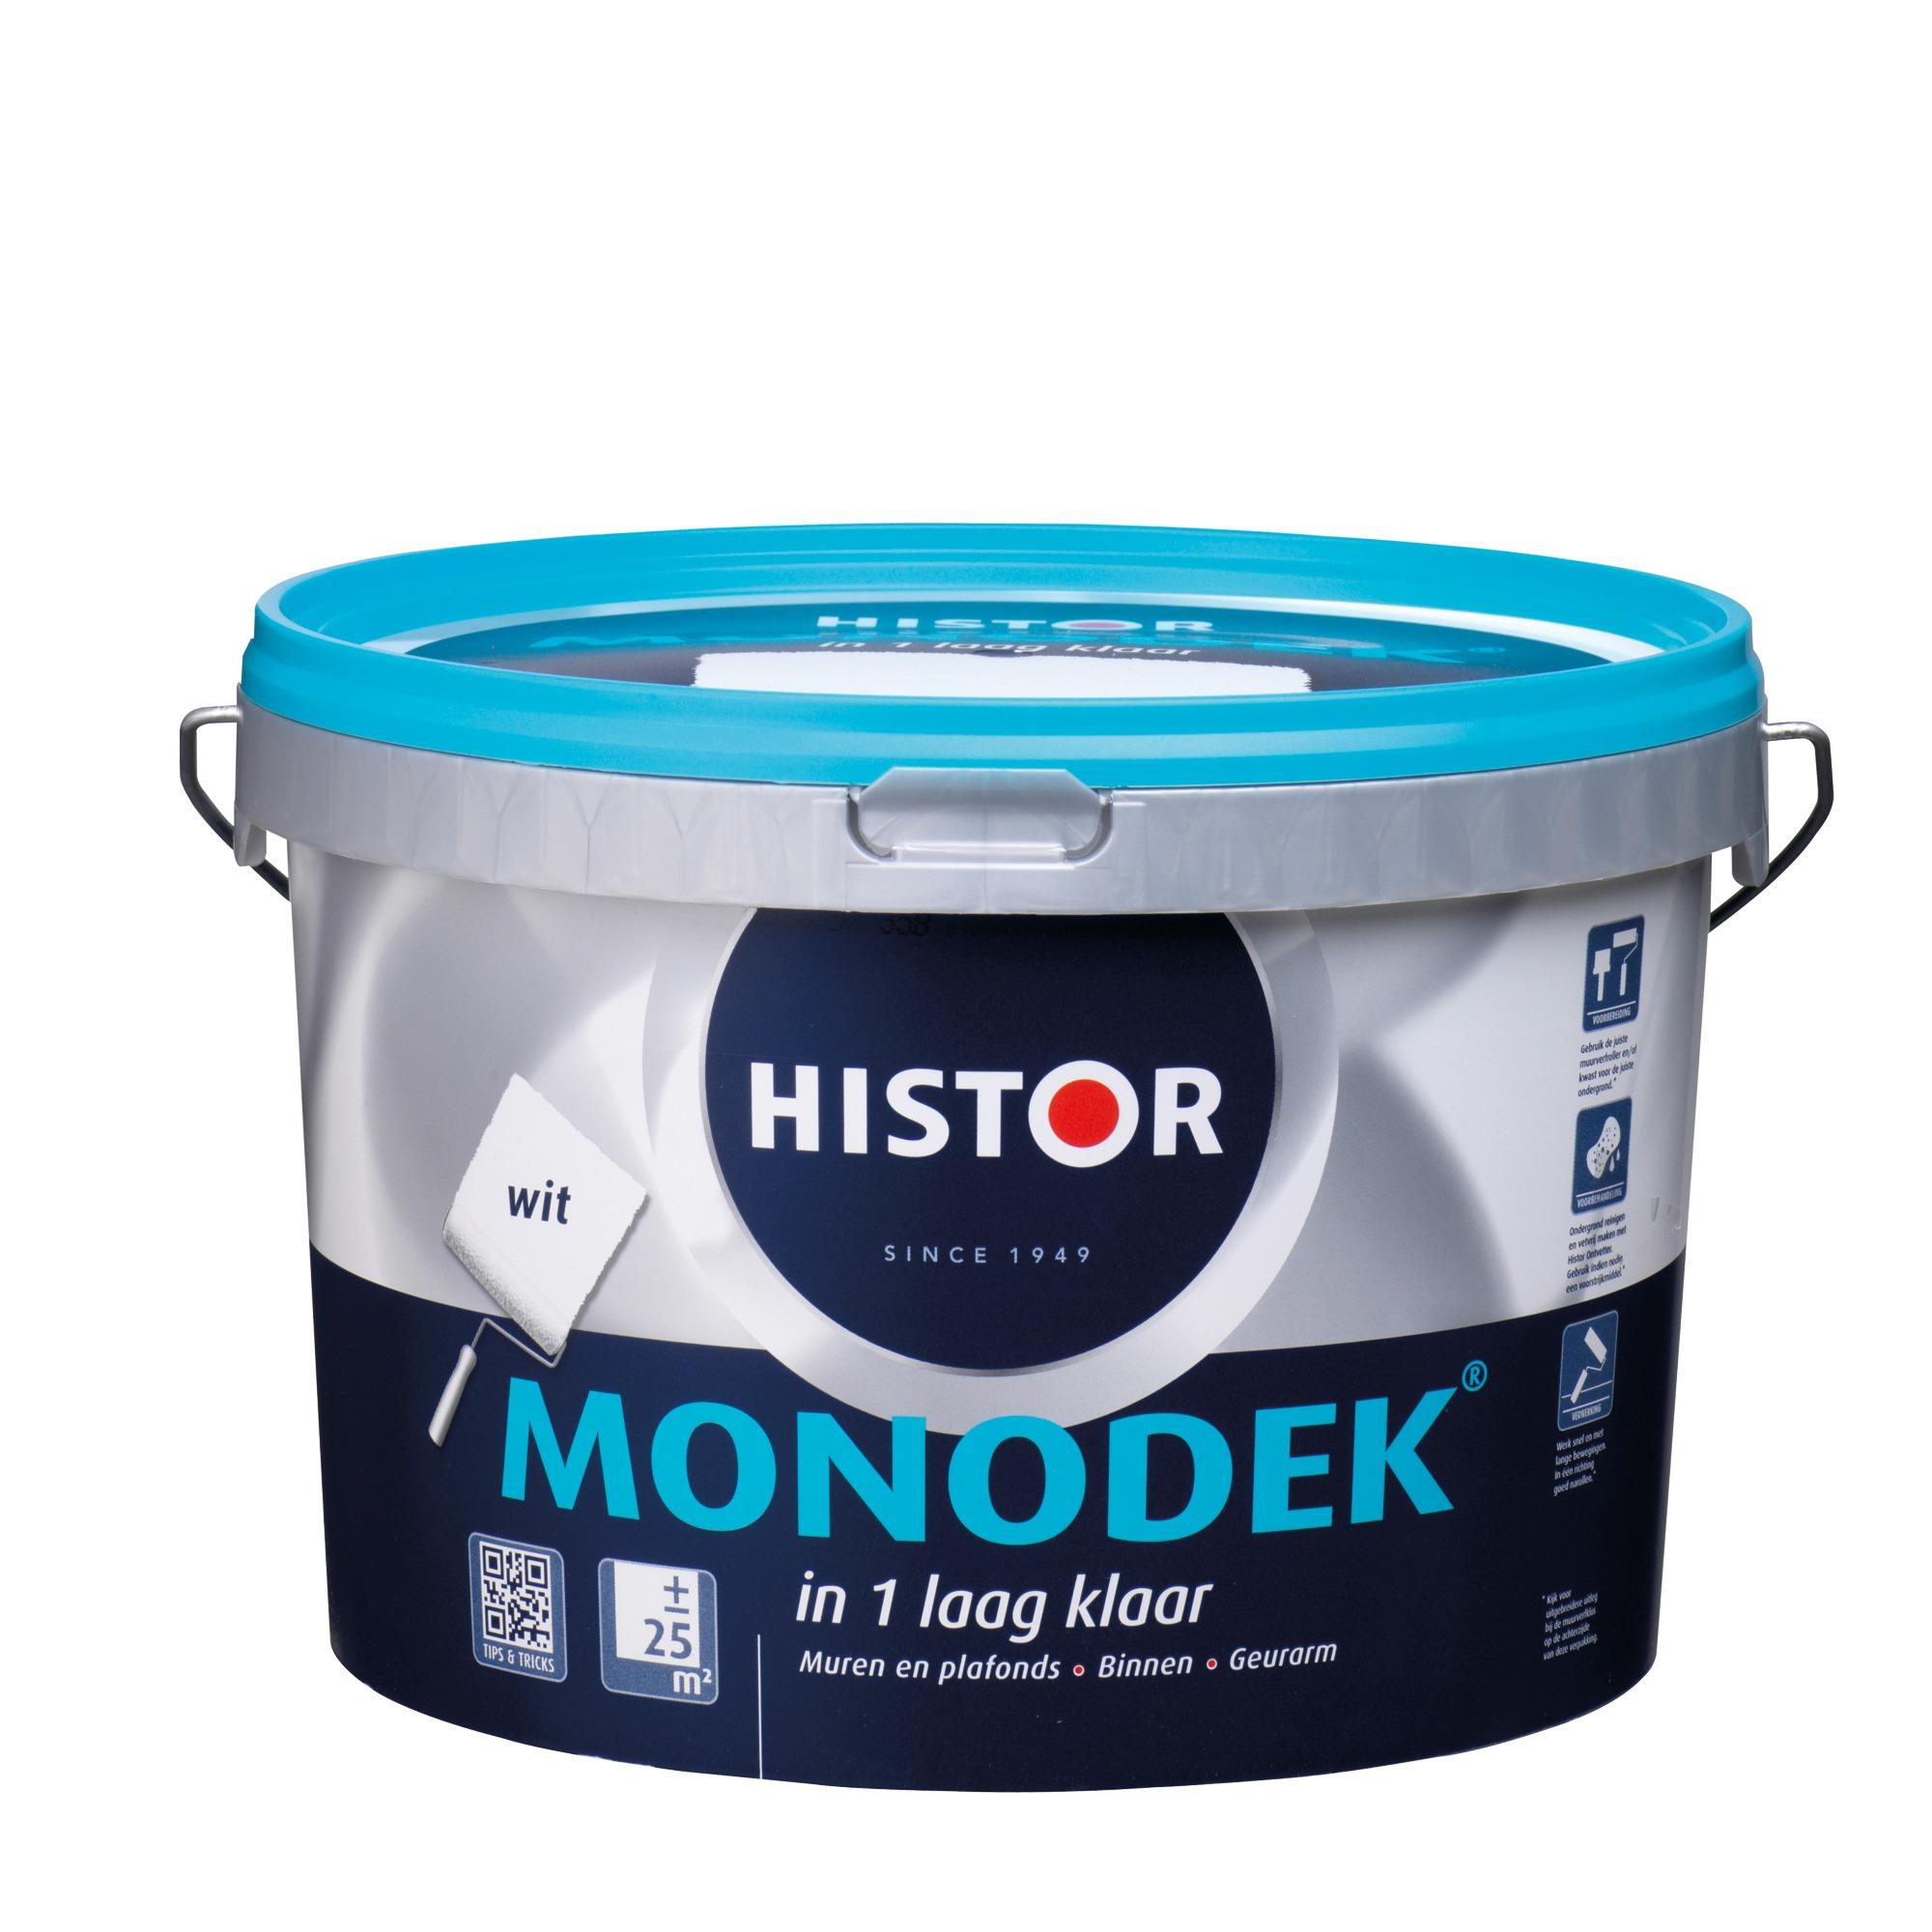 Histor Monodek 2,5 liter